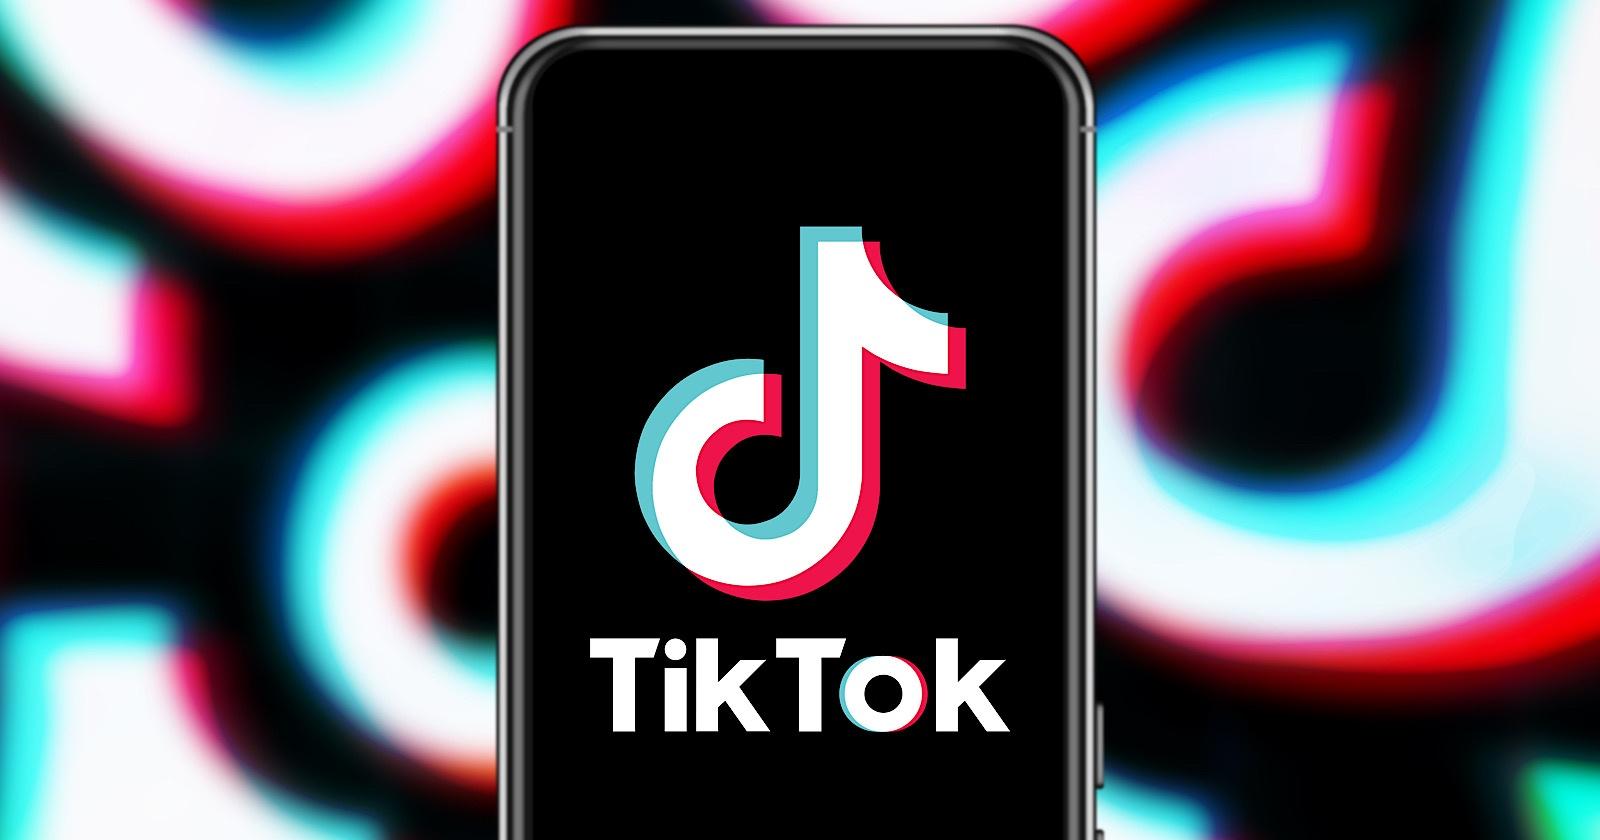 TikTok Kuja Na Video Ndefu Kwa Wote!